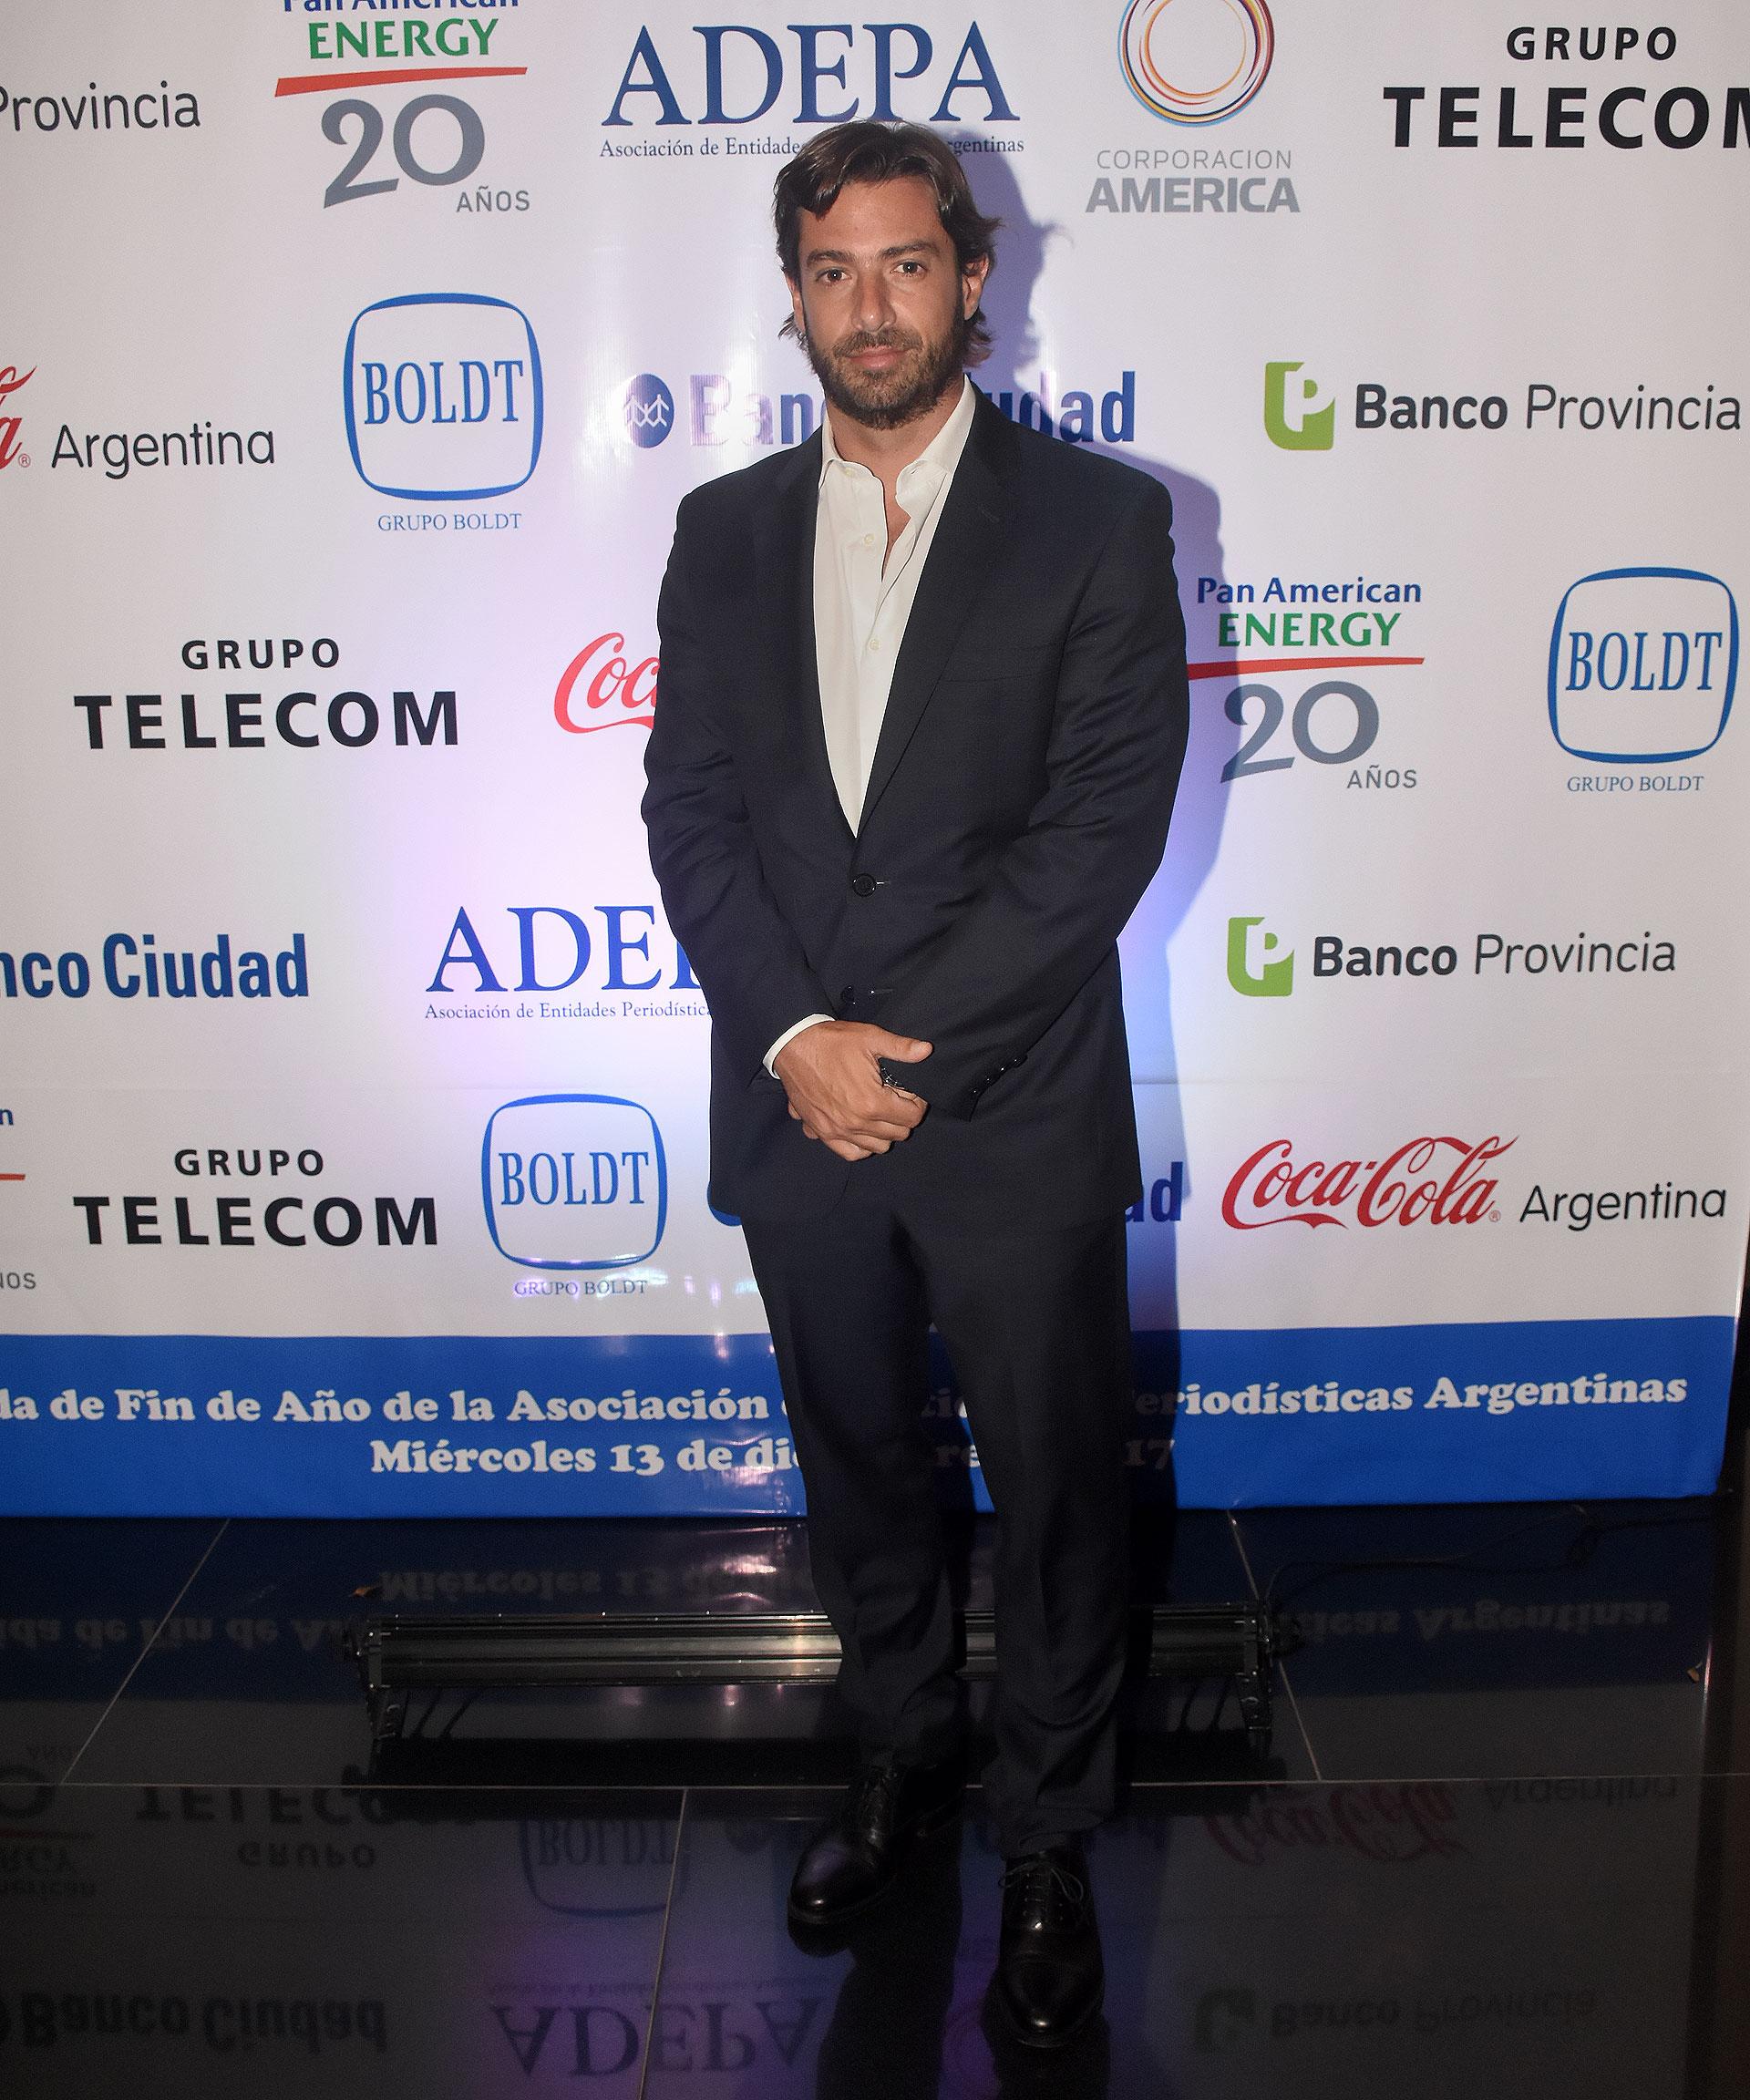 El jefe de Gabinete de la provincia de Buenos Aires, Federico Salvai